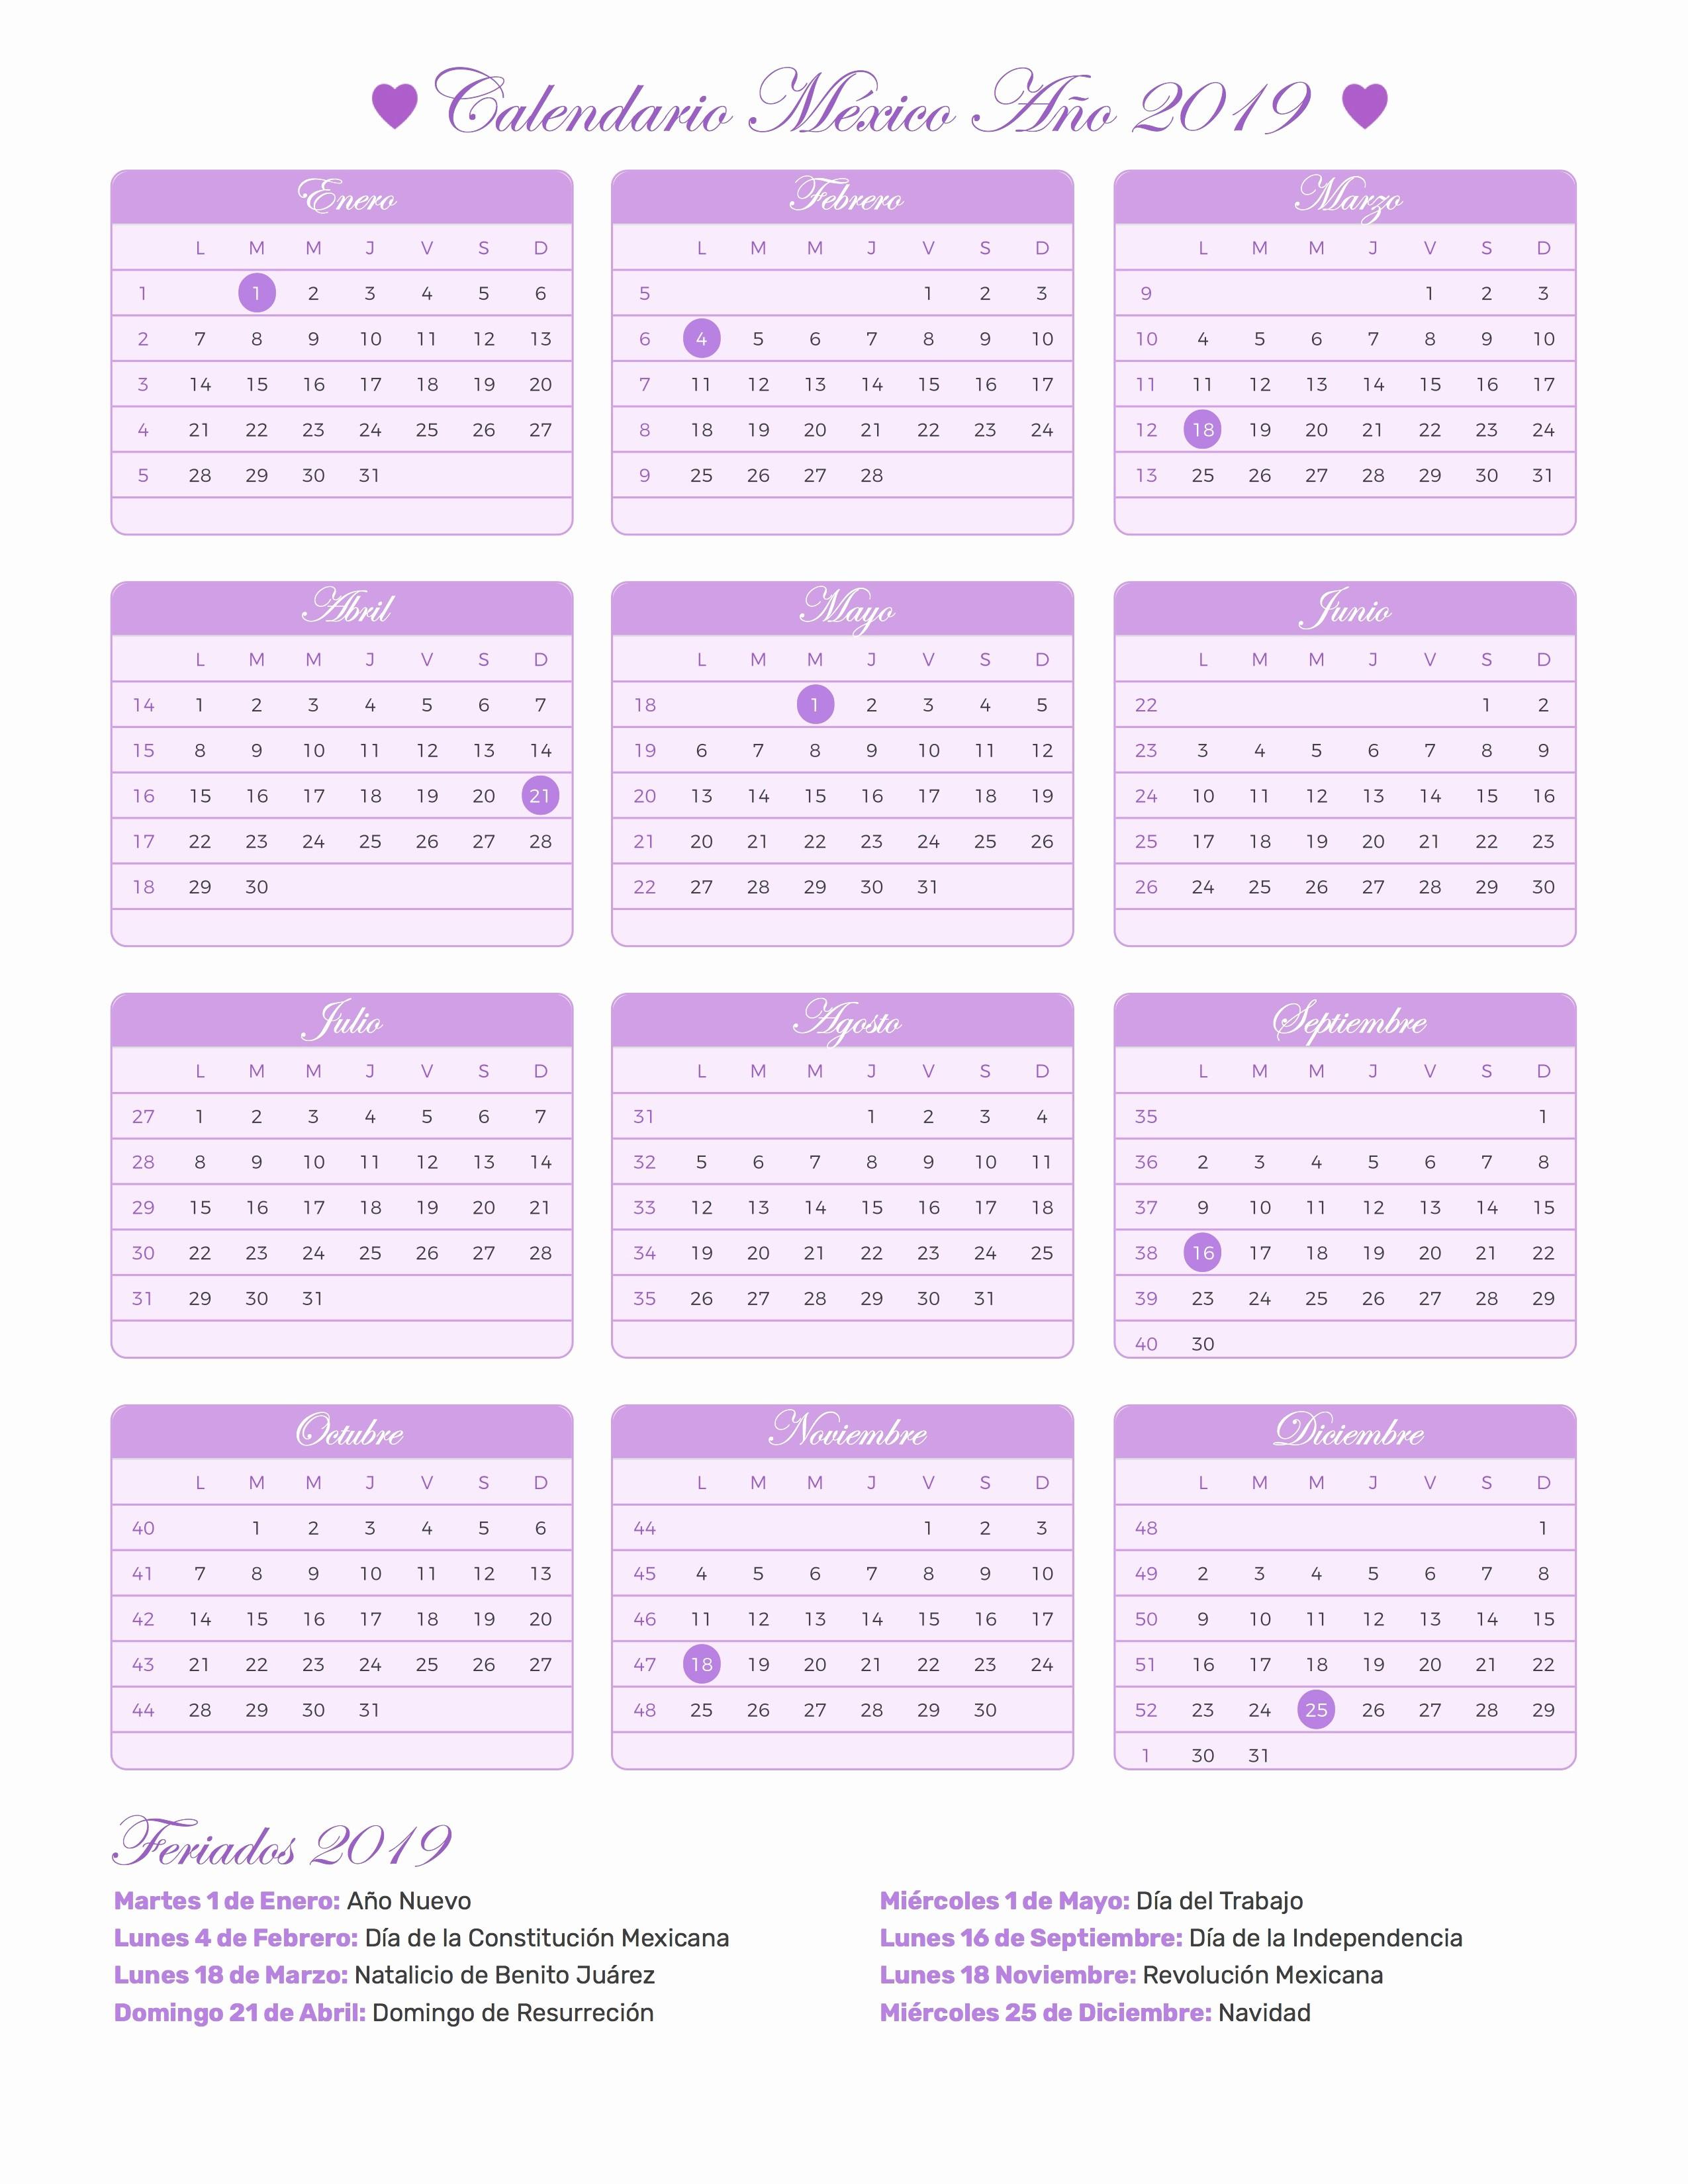 Calendario Oficial Semana Santa 2019 Mejores Y Más Novedosos Calendario Dr 2019 Calendario Laboral Madrid 2019 Of Calendario Oficial Semana Santa 2019 Más Actual Evaluar Calendario 2019 Con Sus Feriados